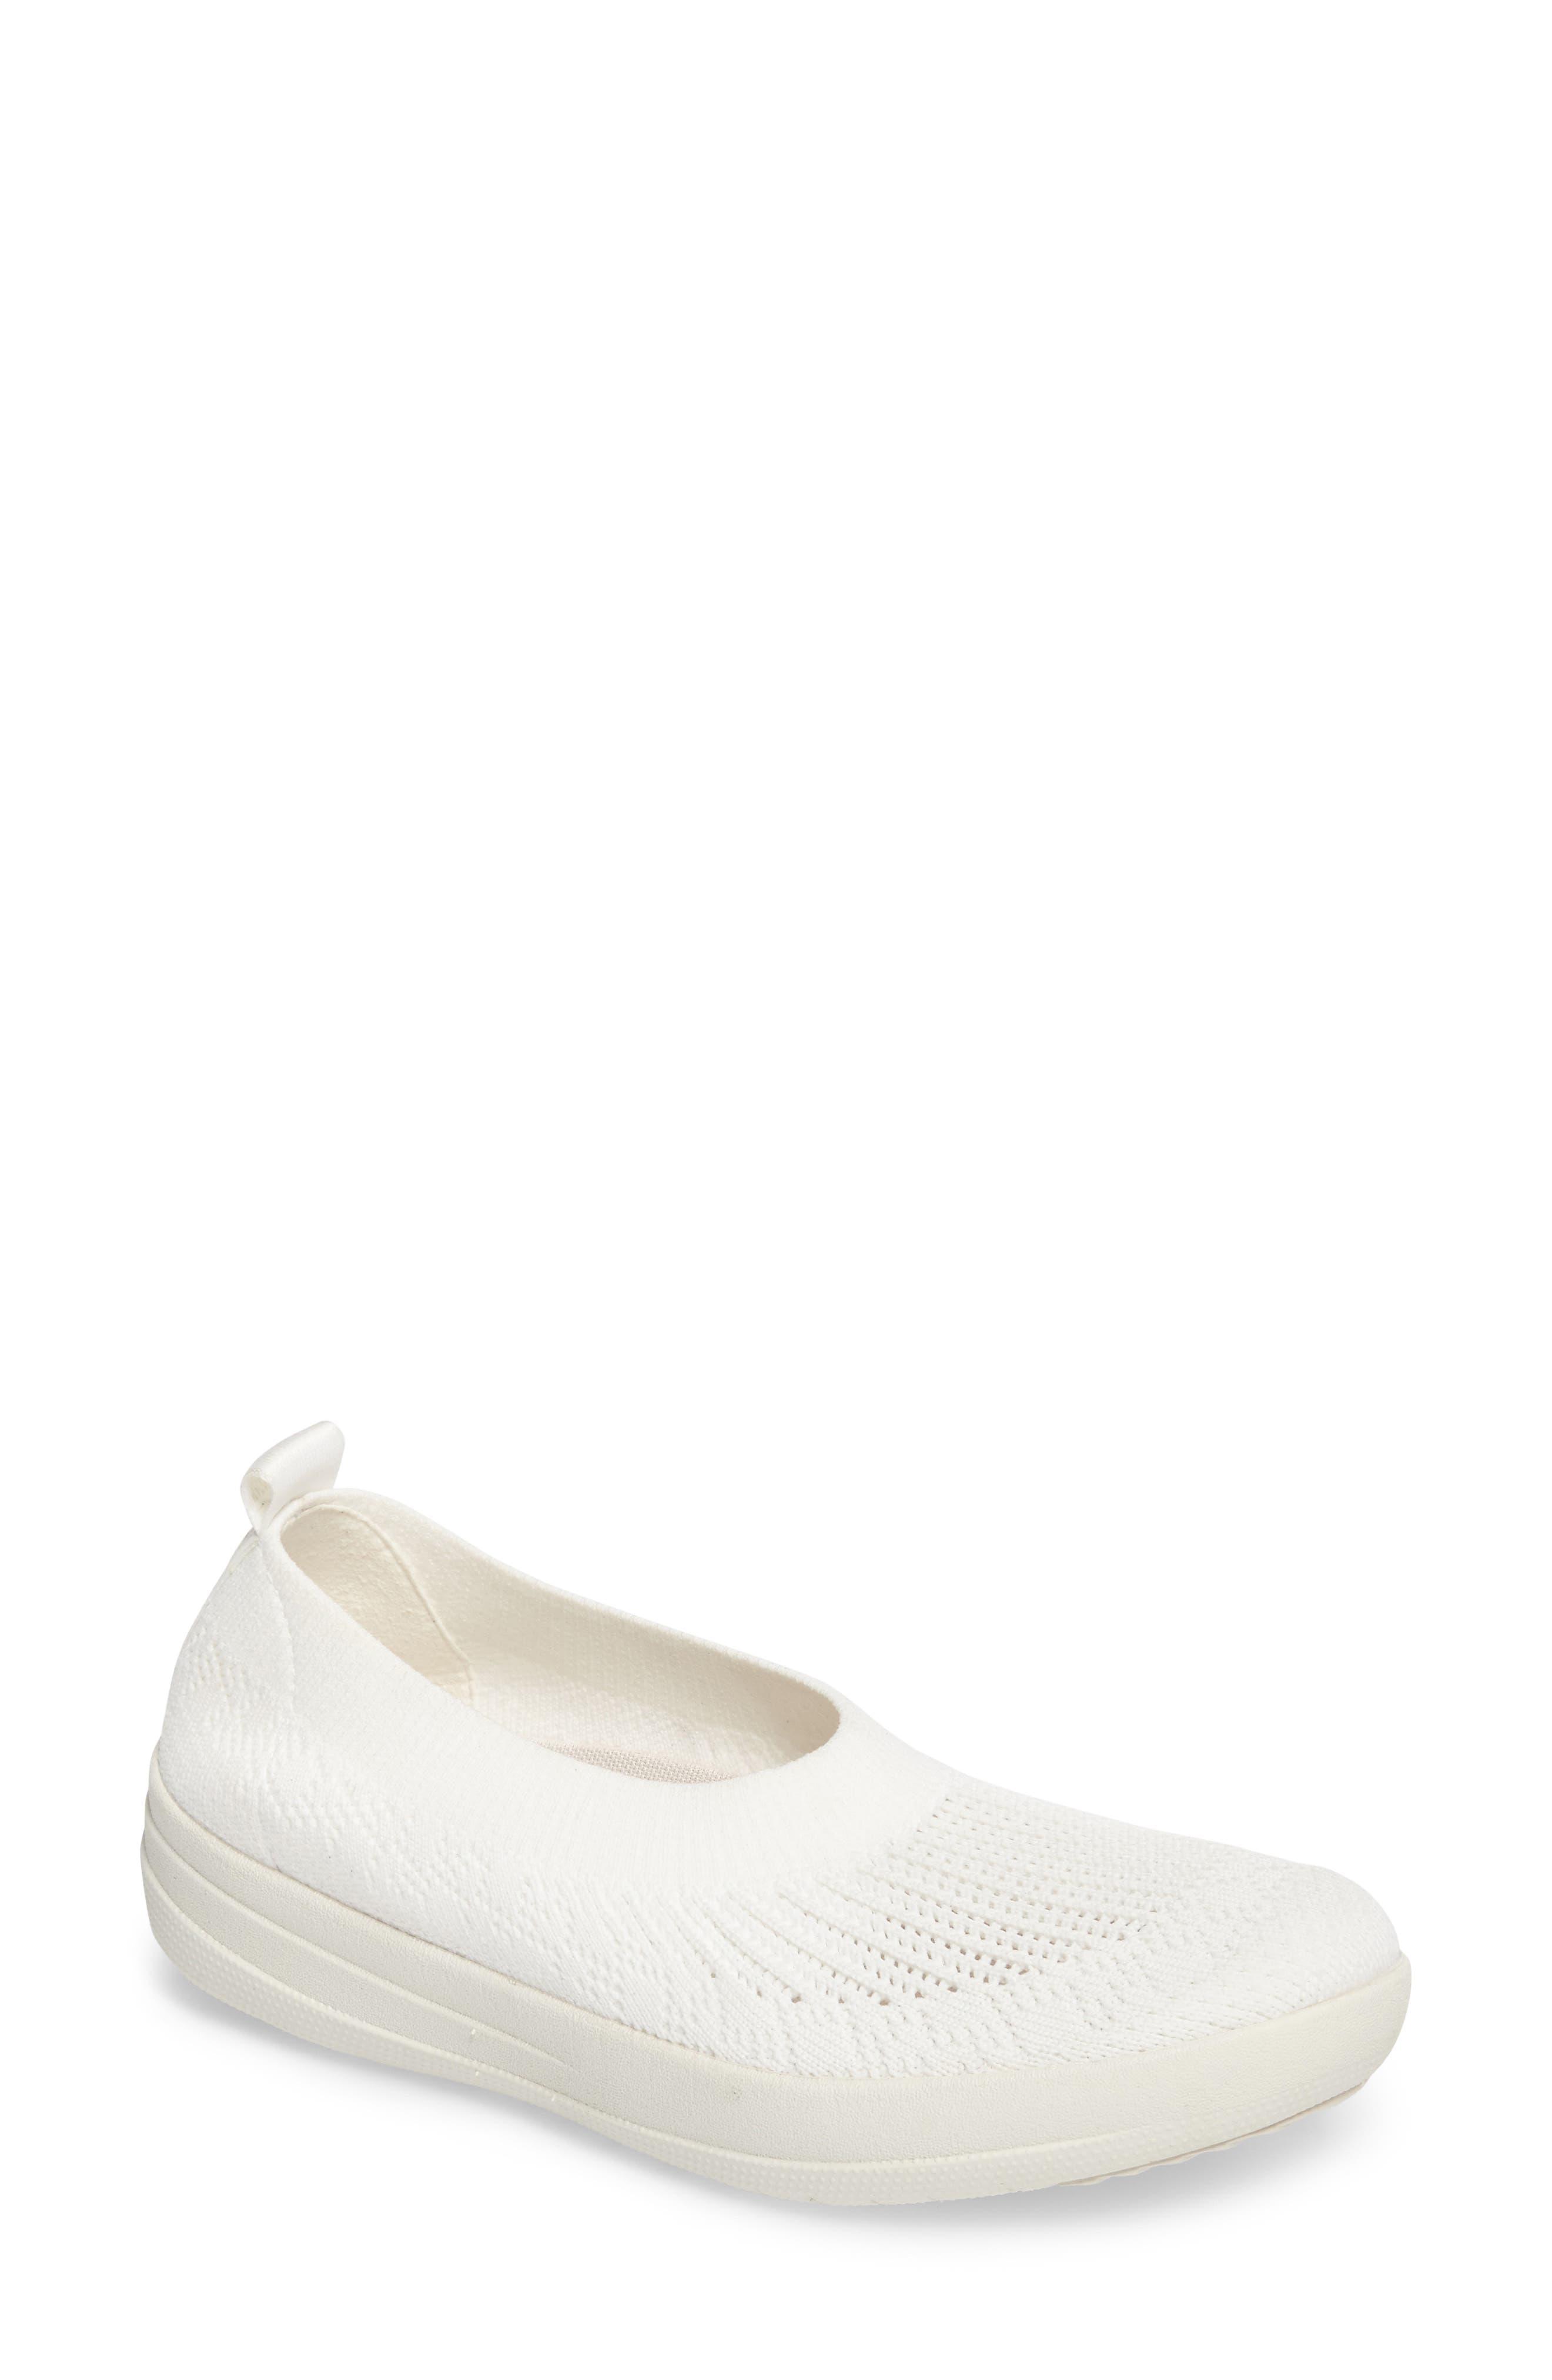 Uberknit Slip-On Sneaker,                             Main thumbnail 1, color,